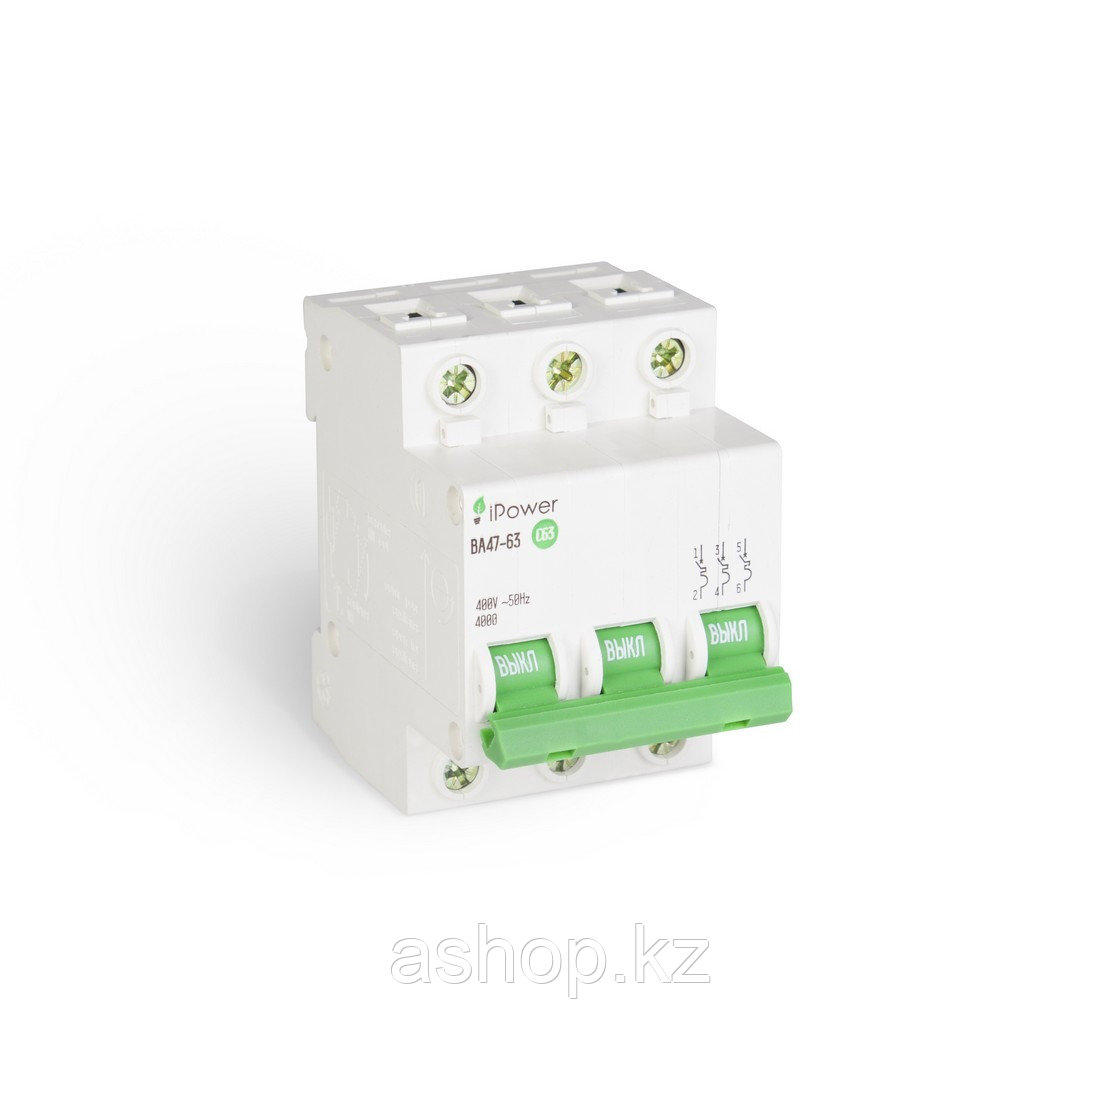 Автоматический выключатель реечный iPower ВА47-63 3P 63А, 230/400 В, Кол-во полюсов: 3, Предел отключения: 4,5